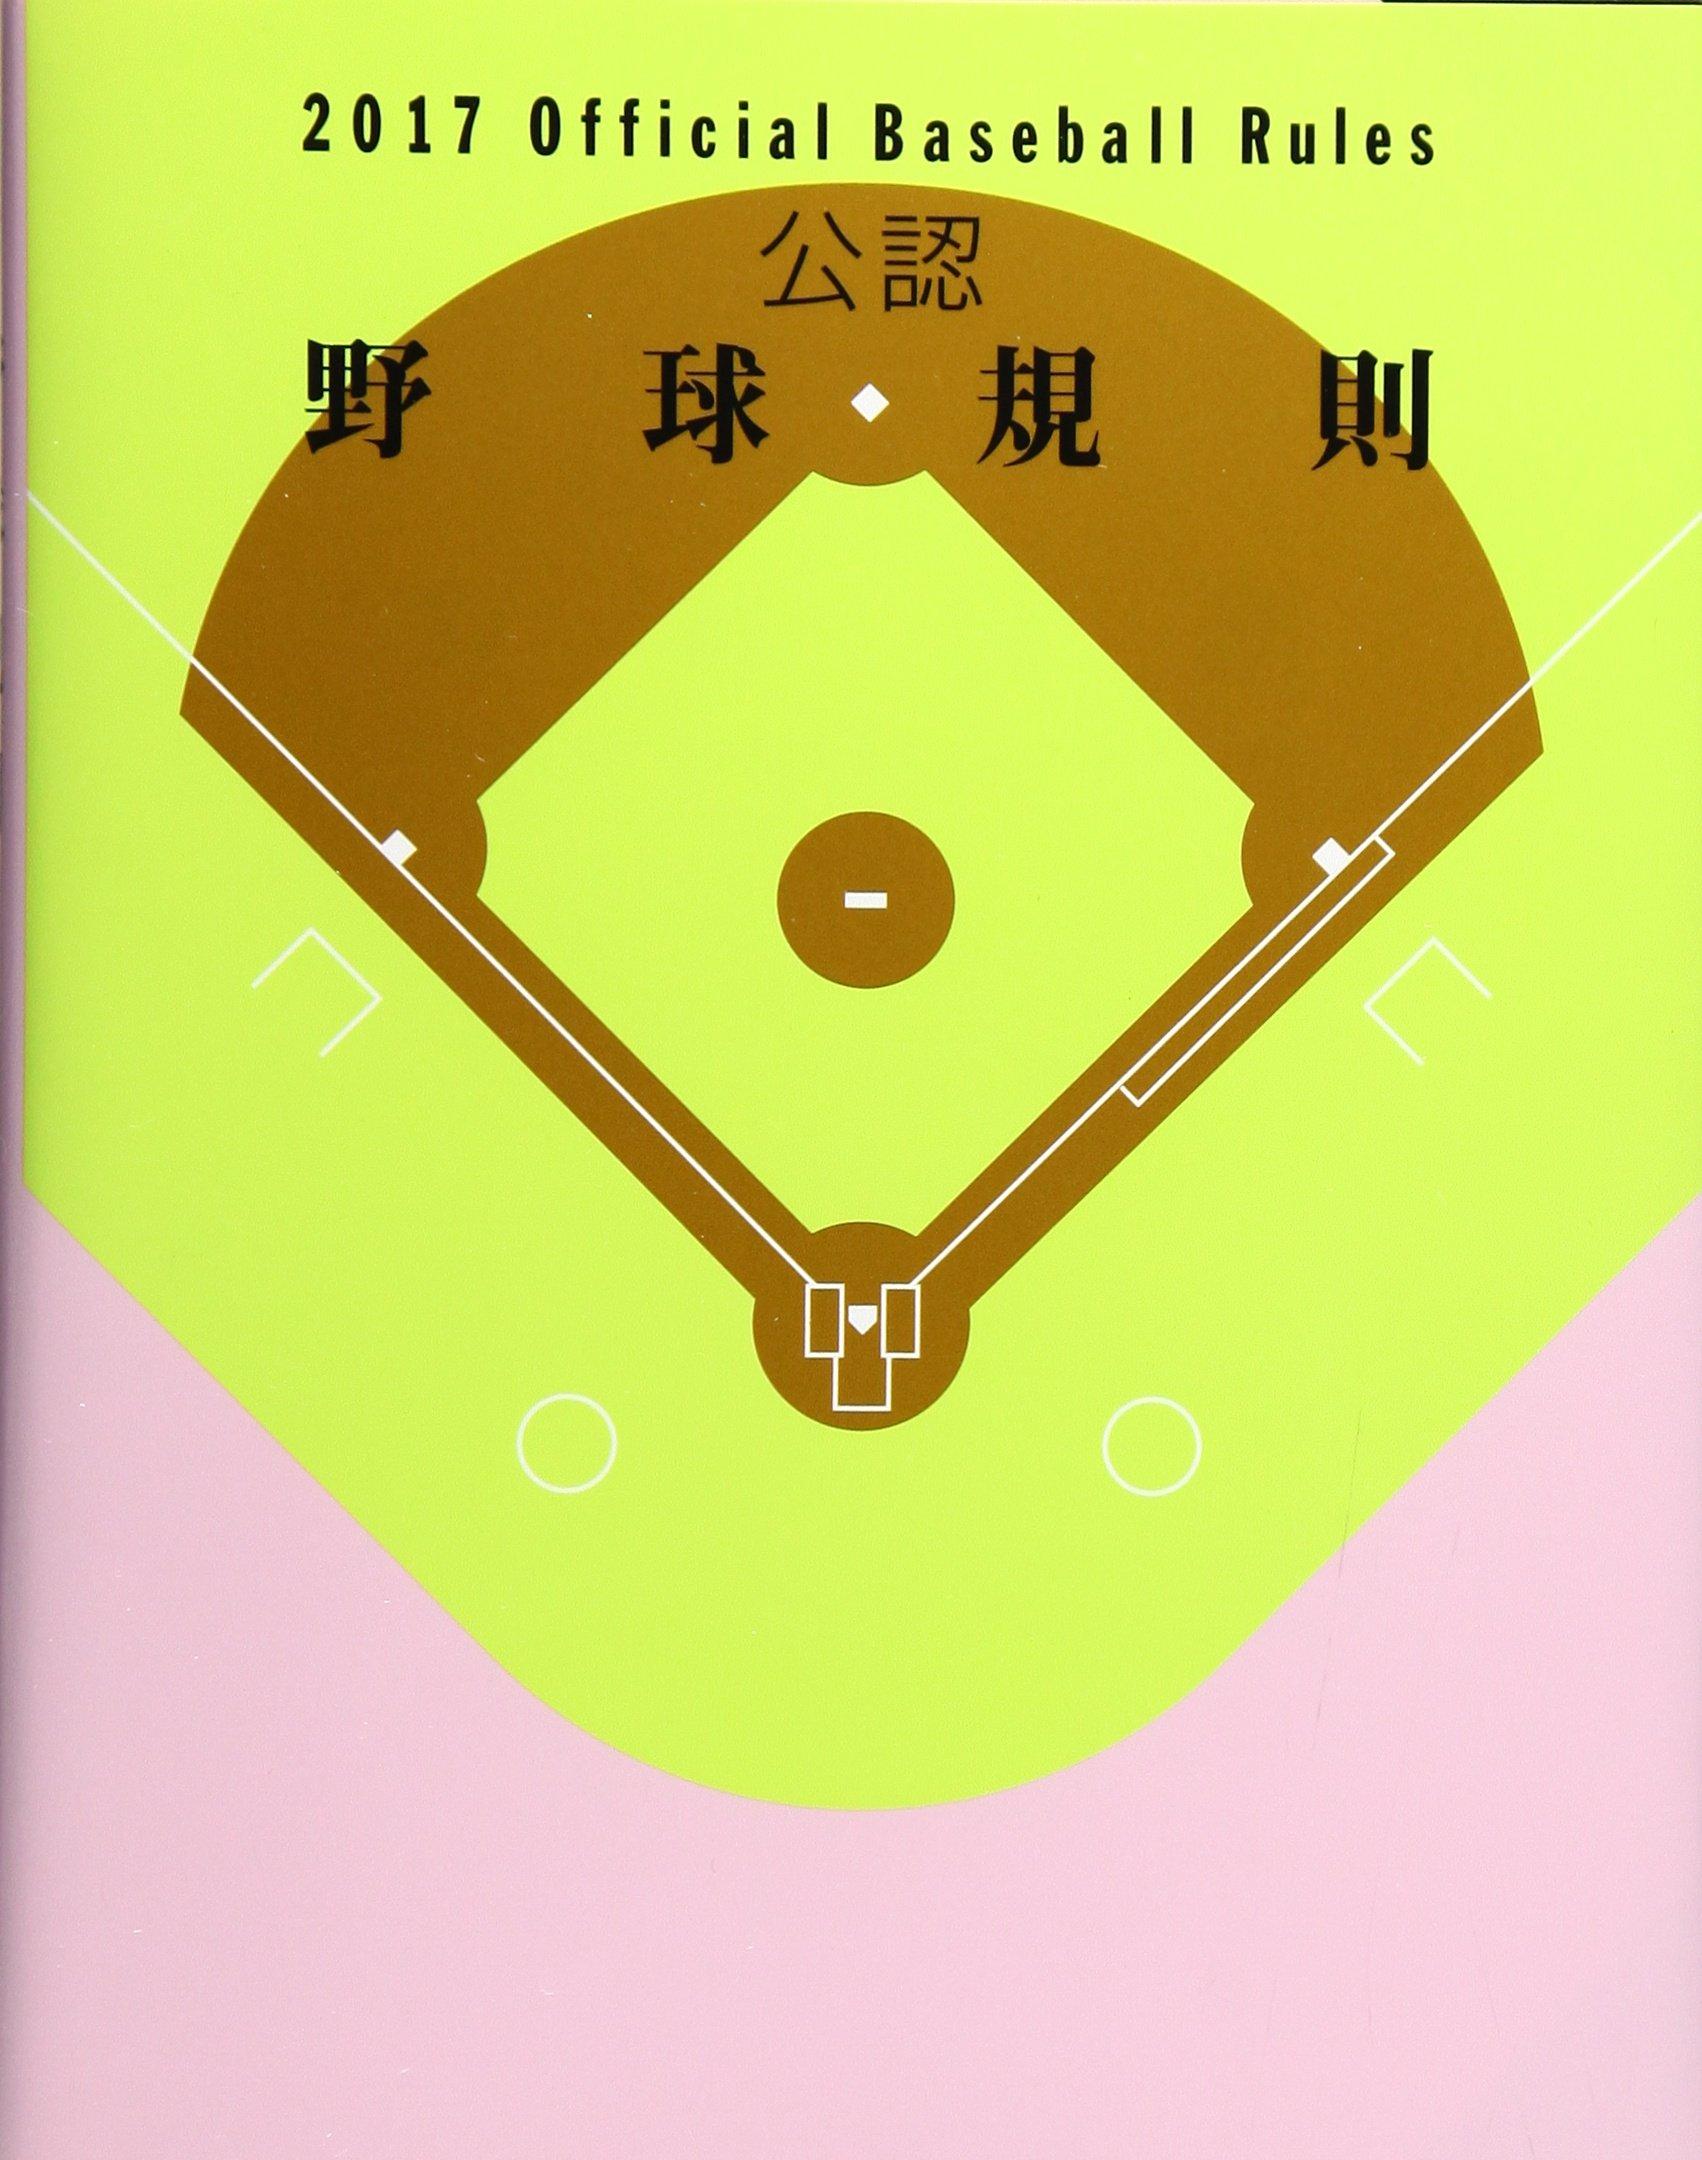 公認野球規則2017 | 日本プロフ...